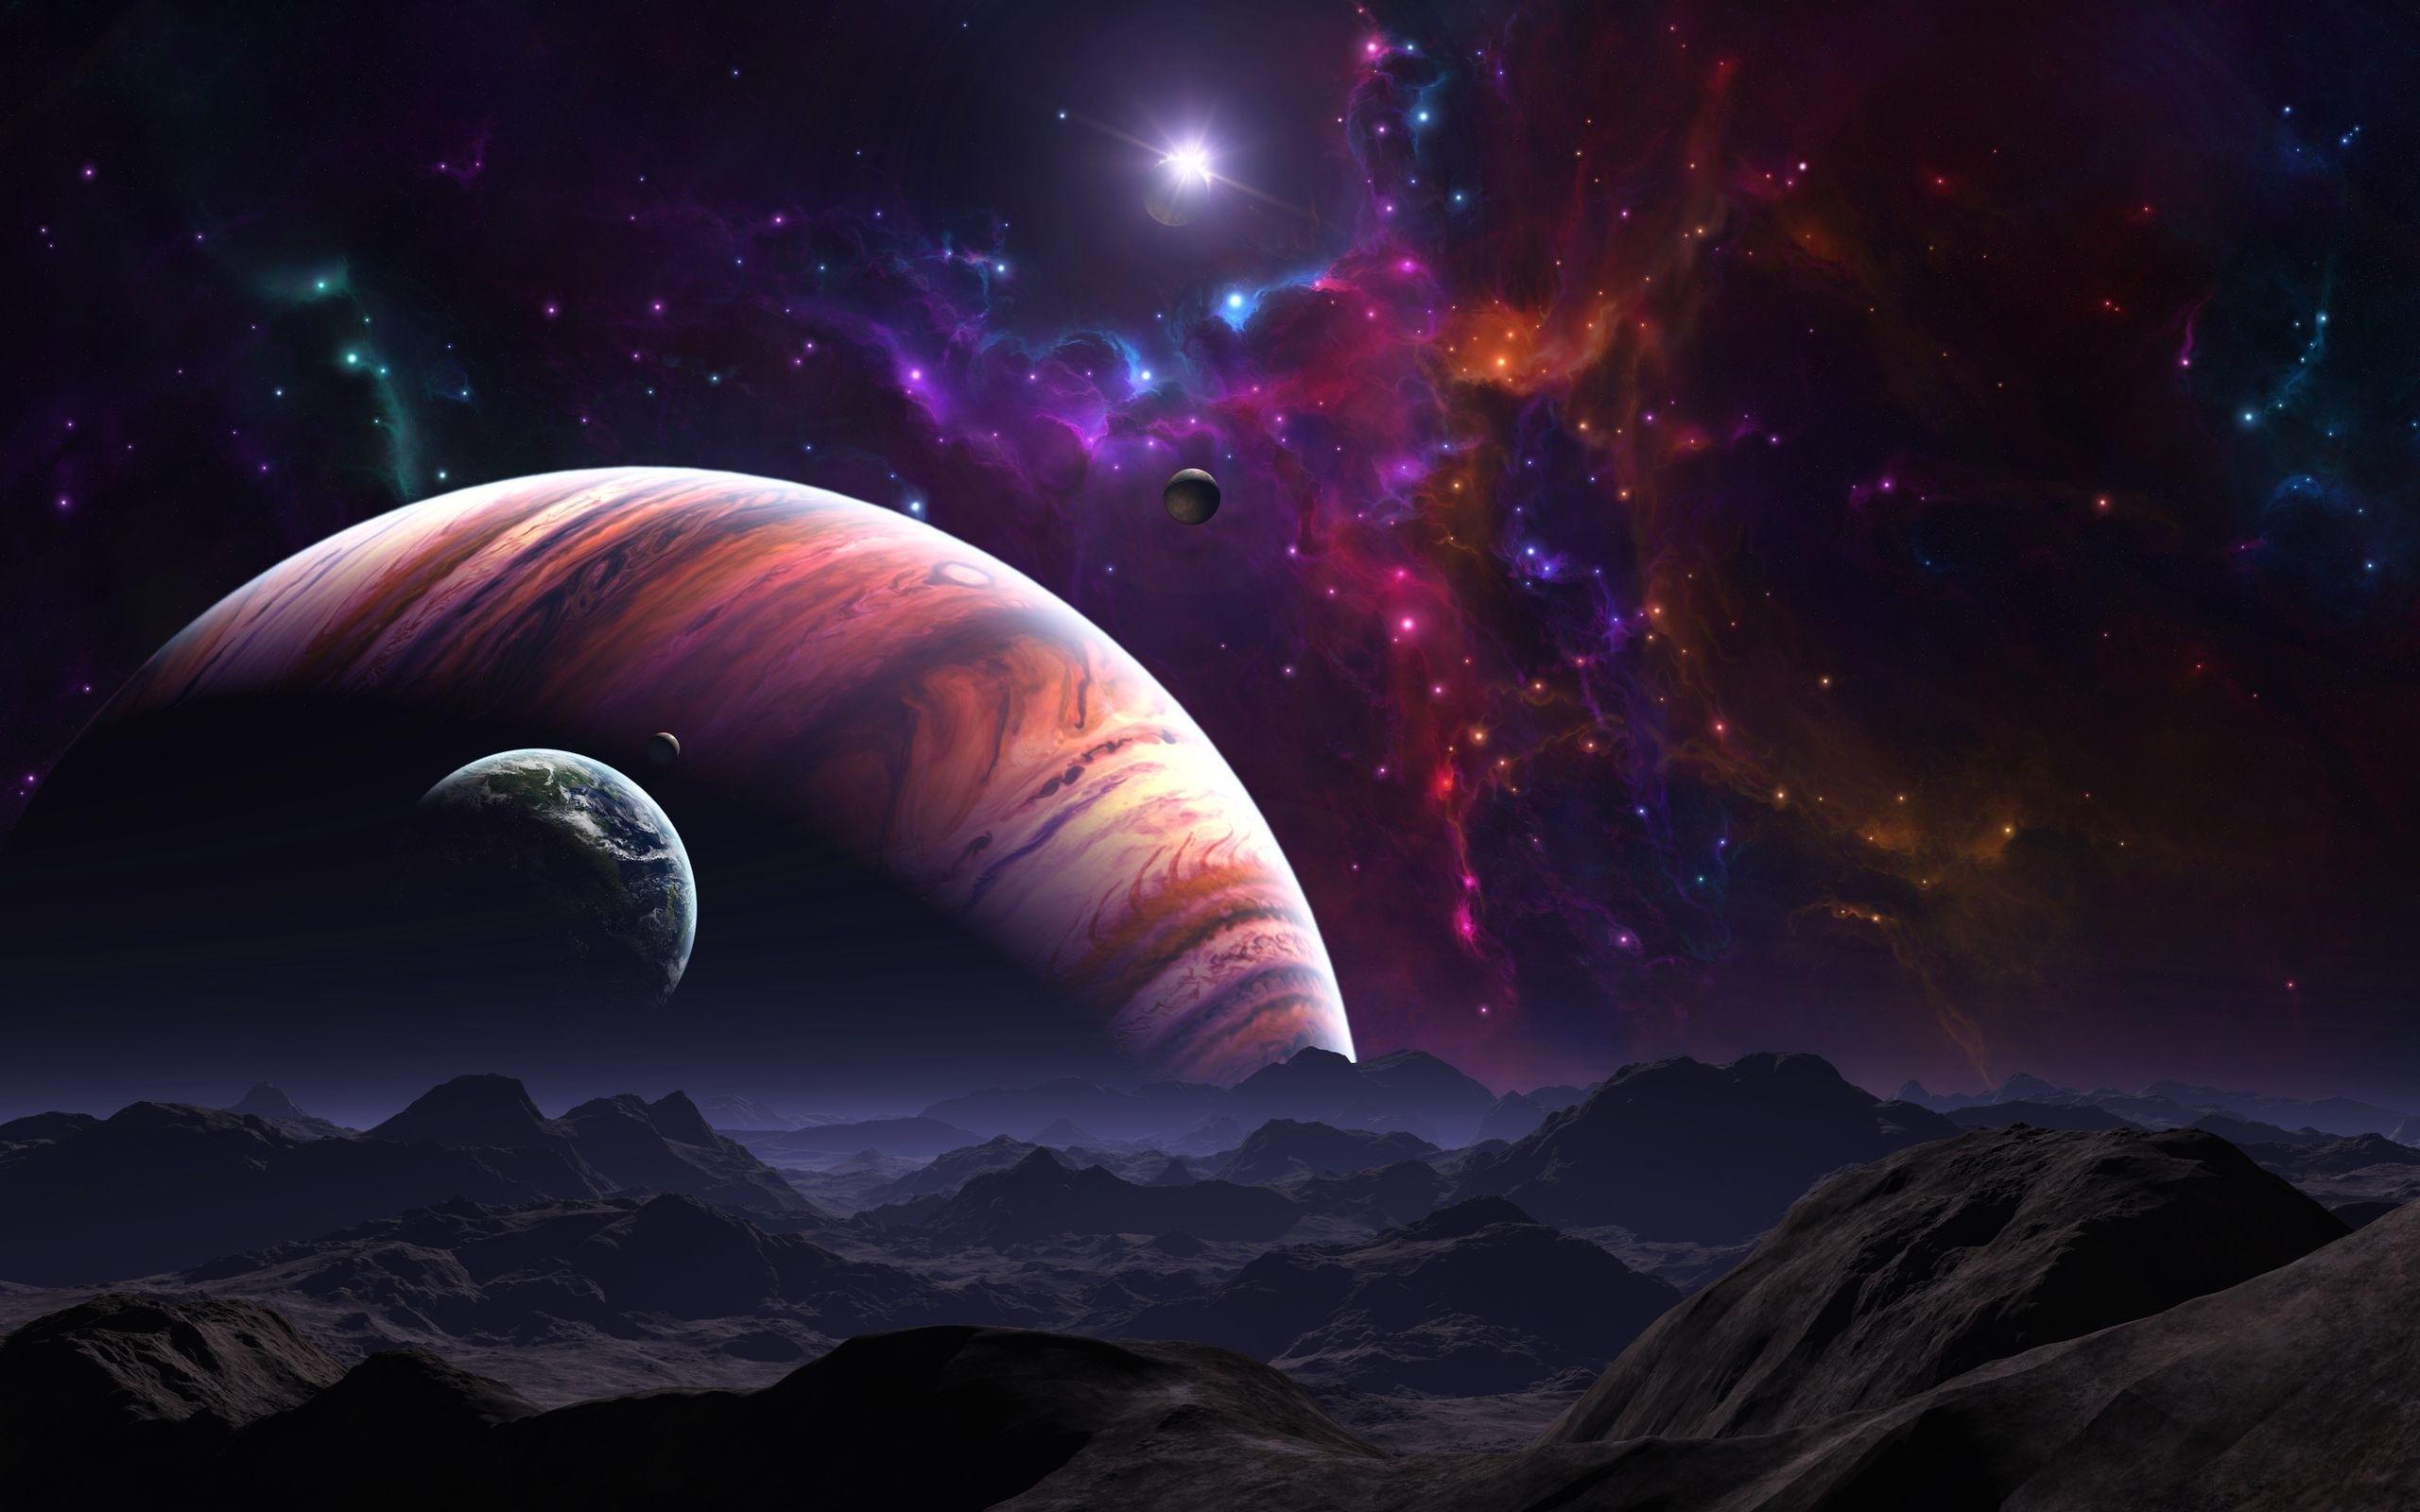 Cool Space Wallpaper - WallpaperSafari